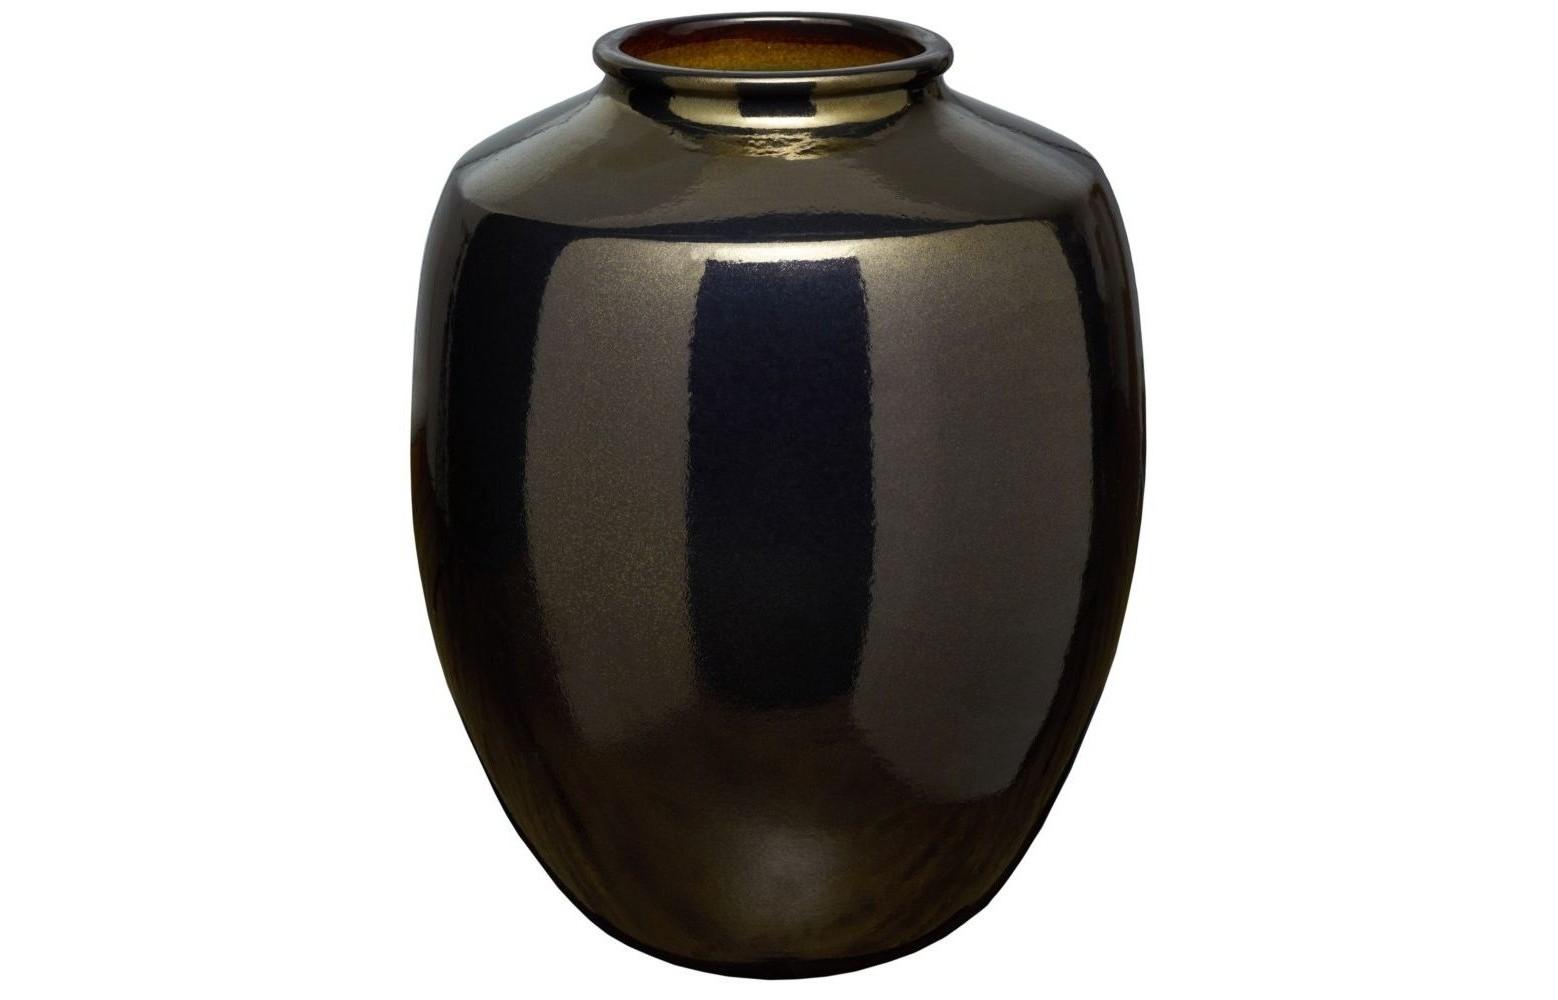 Ваза настольная SaturnВазы<br><br><br>Material: Керамика<br>Высота см: 48.0